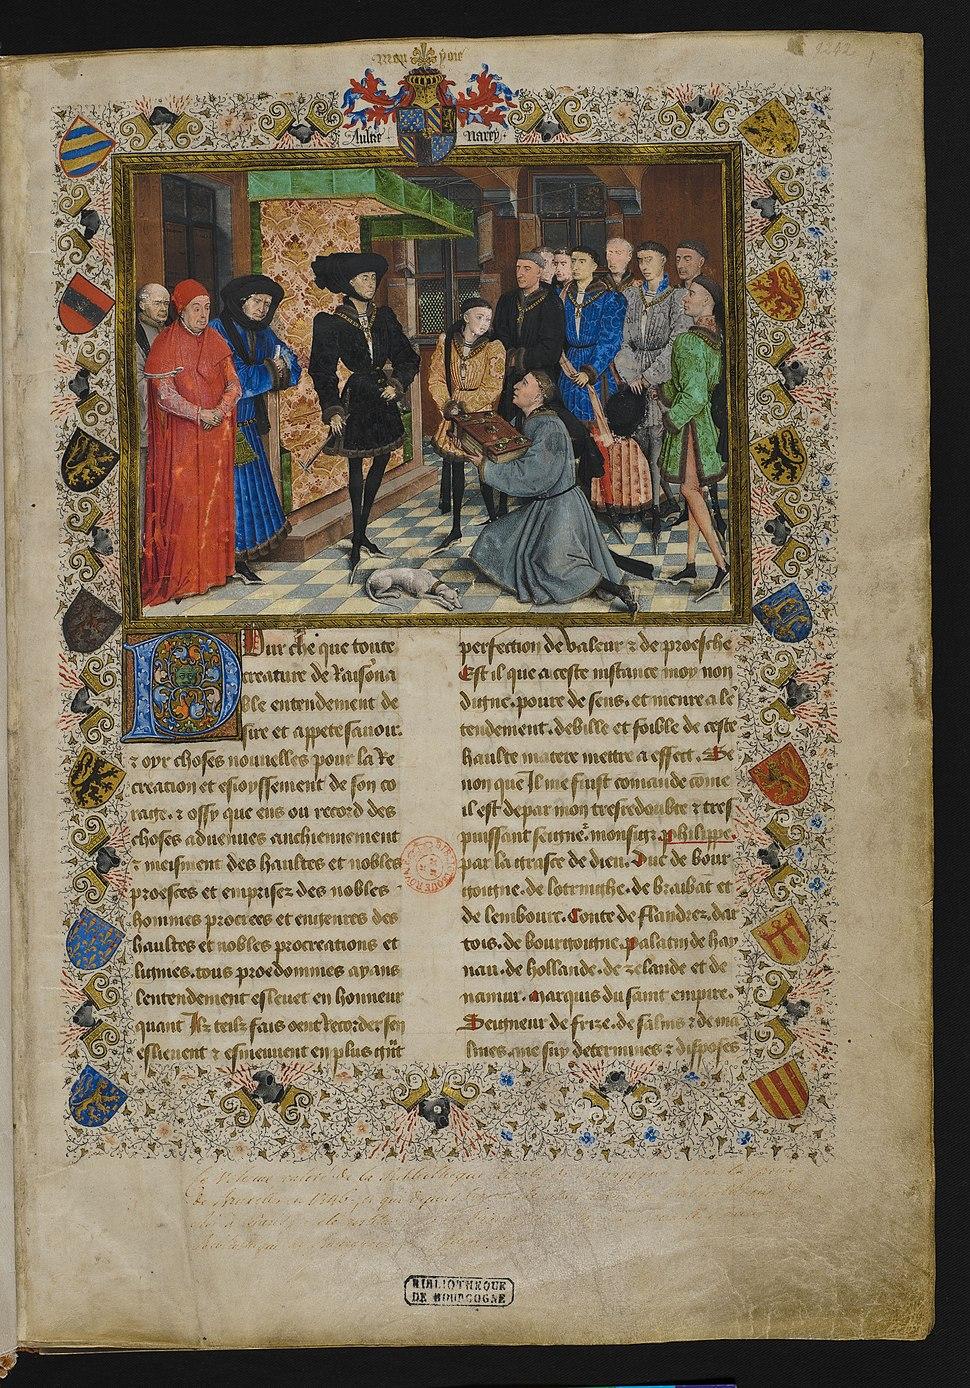 Jacques de Guise, Chroniques de Hainaut, frontispiece, KBR 9242